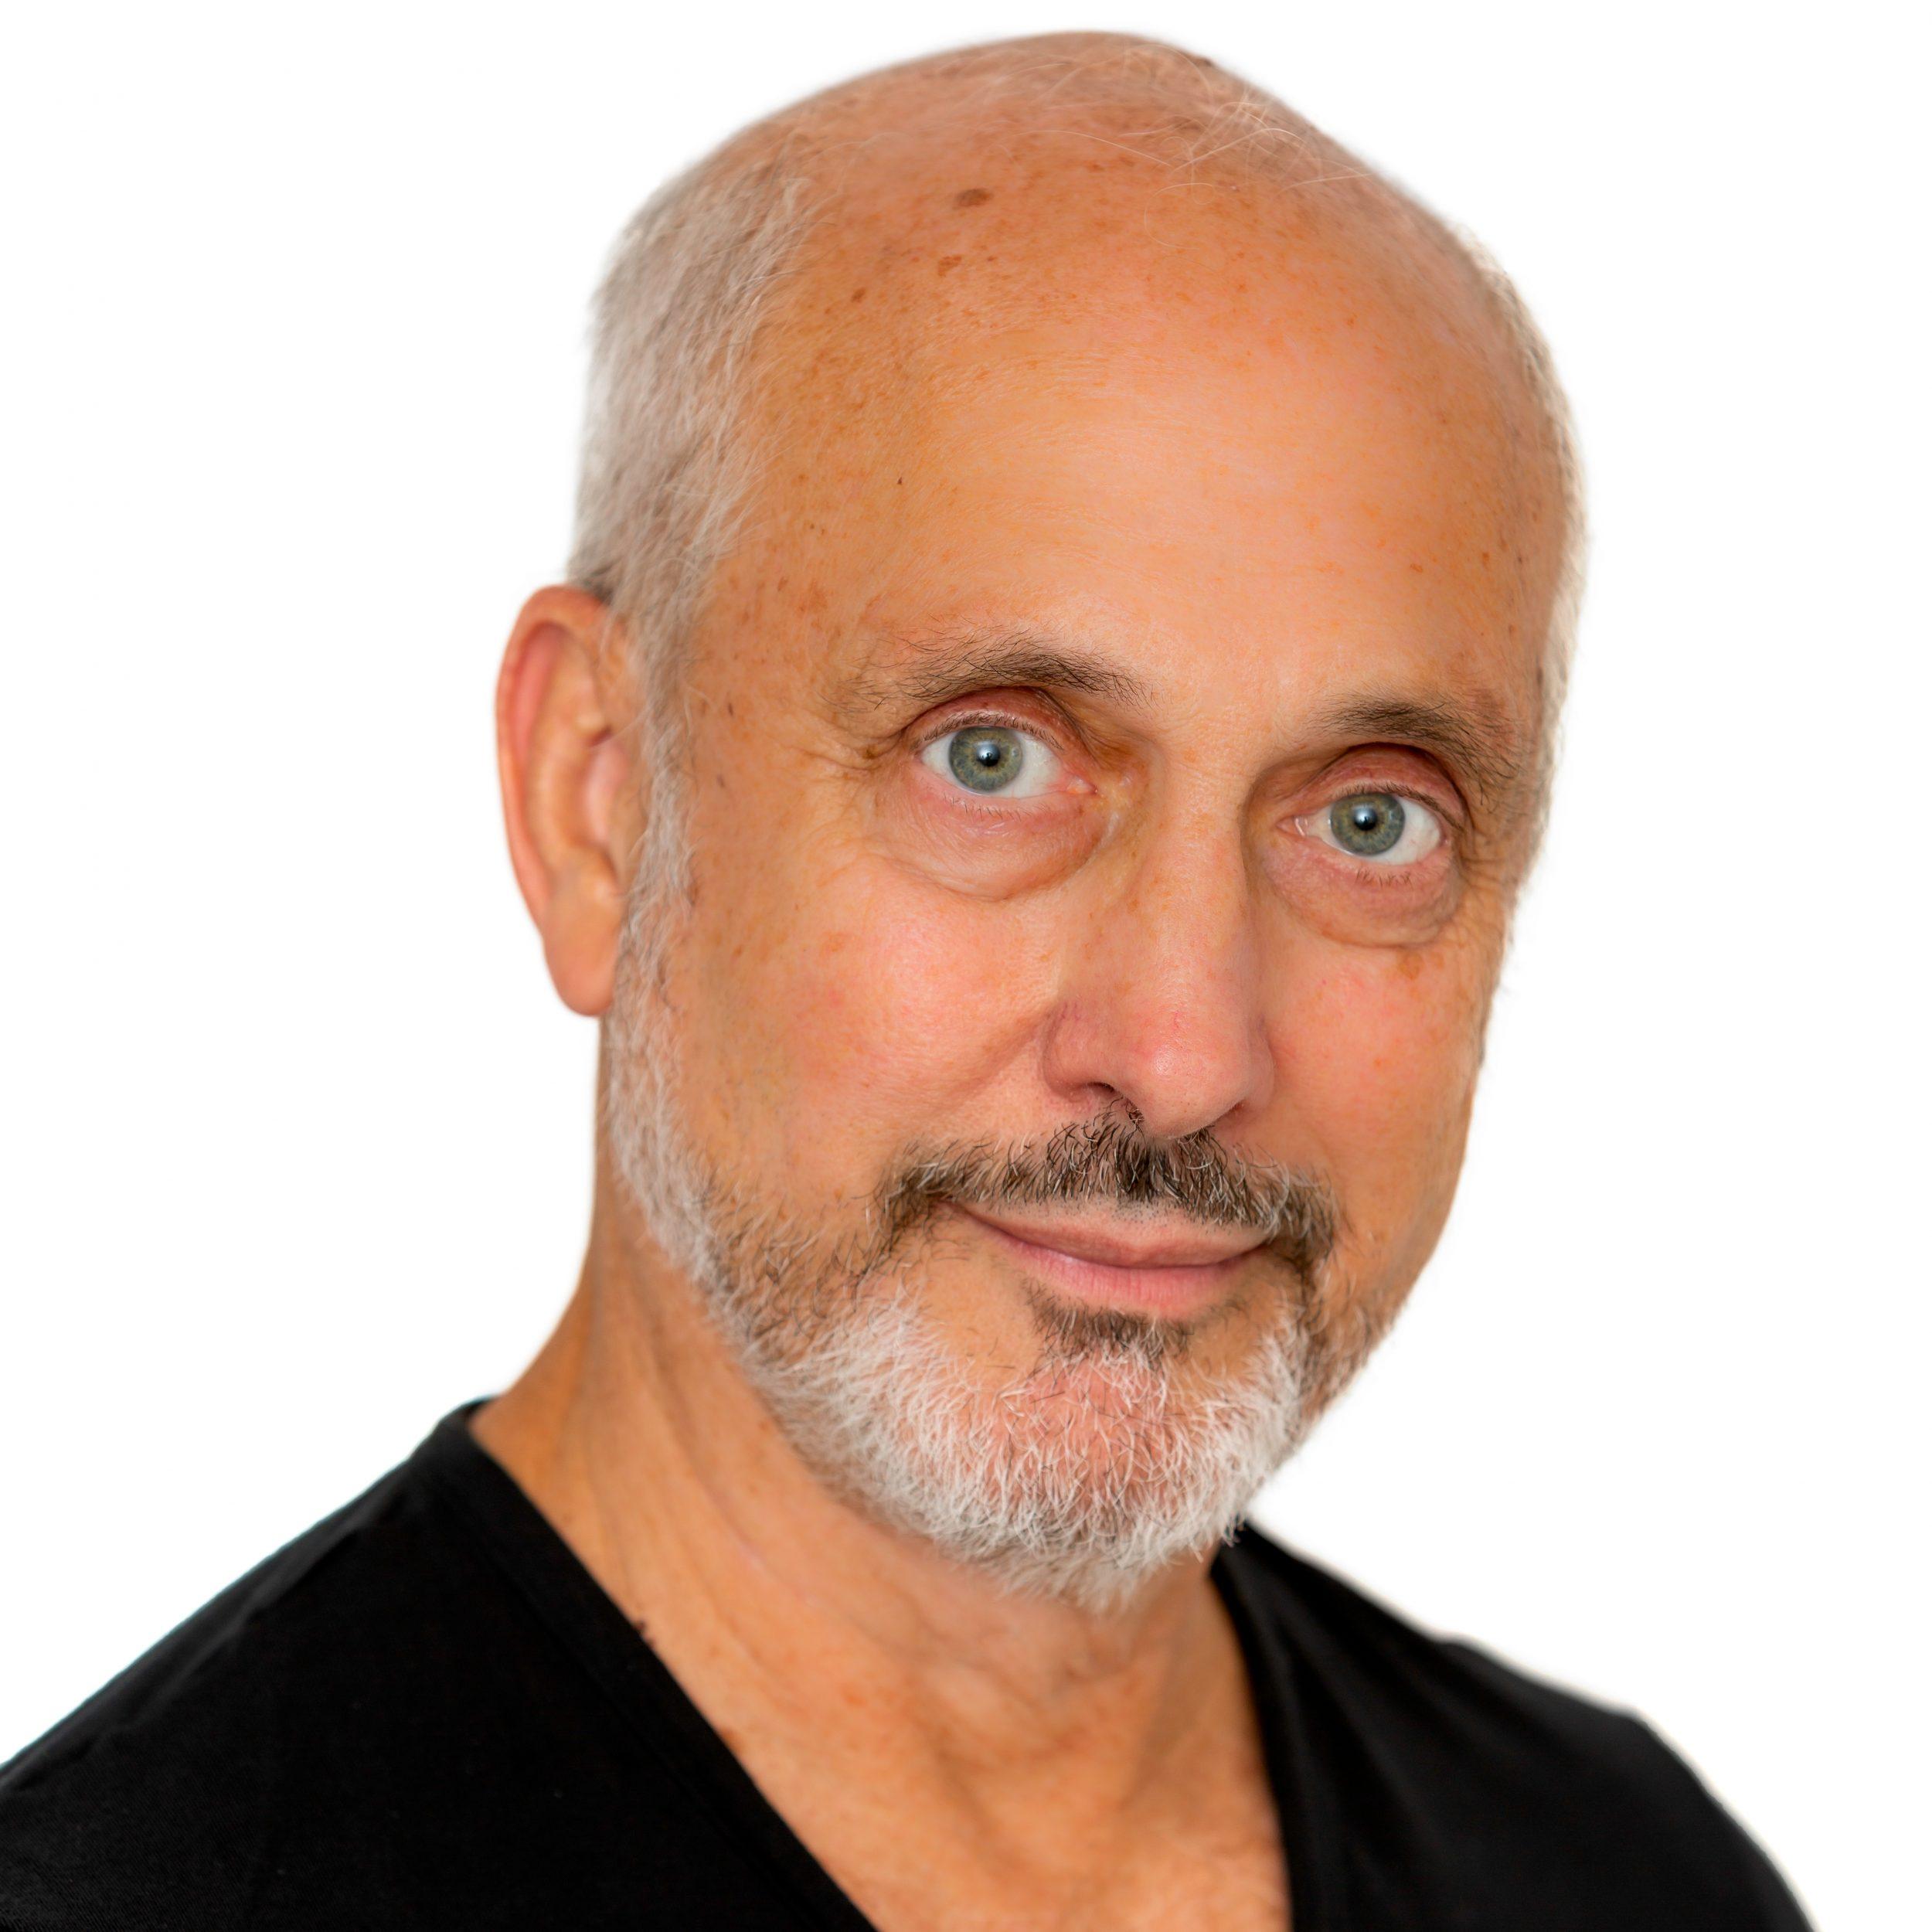 Stephen Baranovics